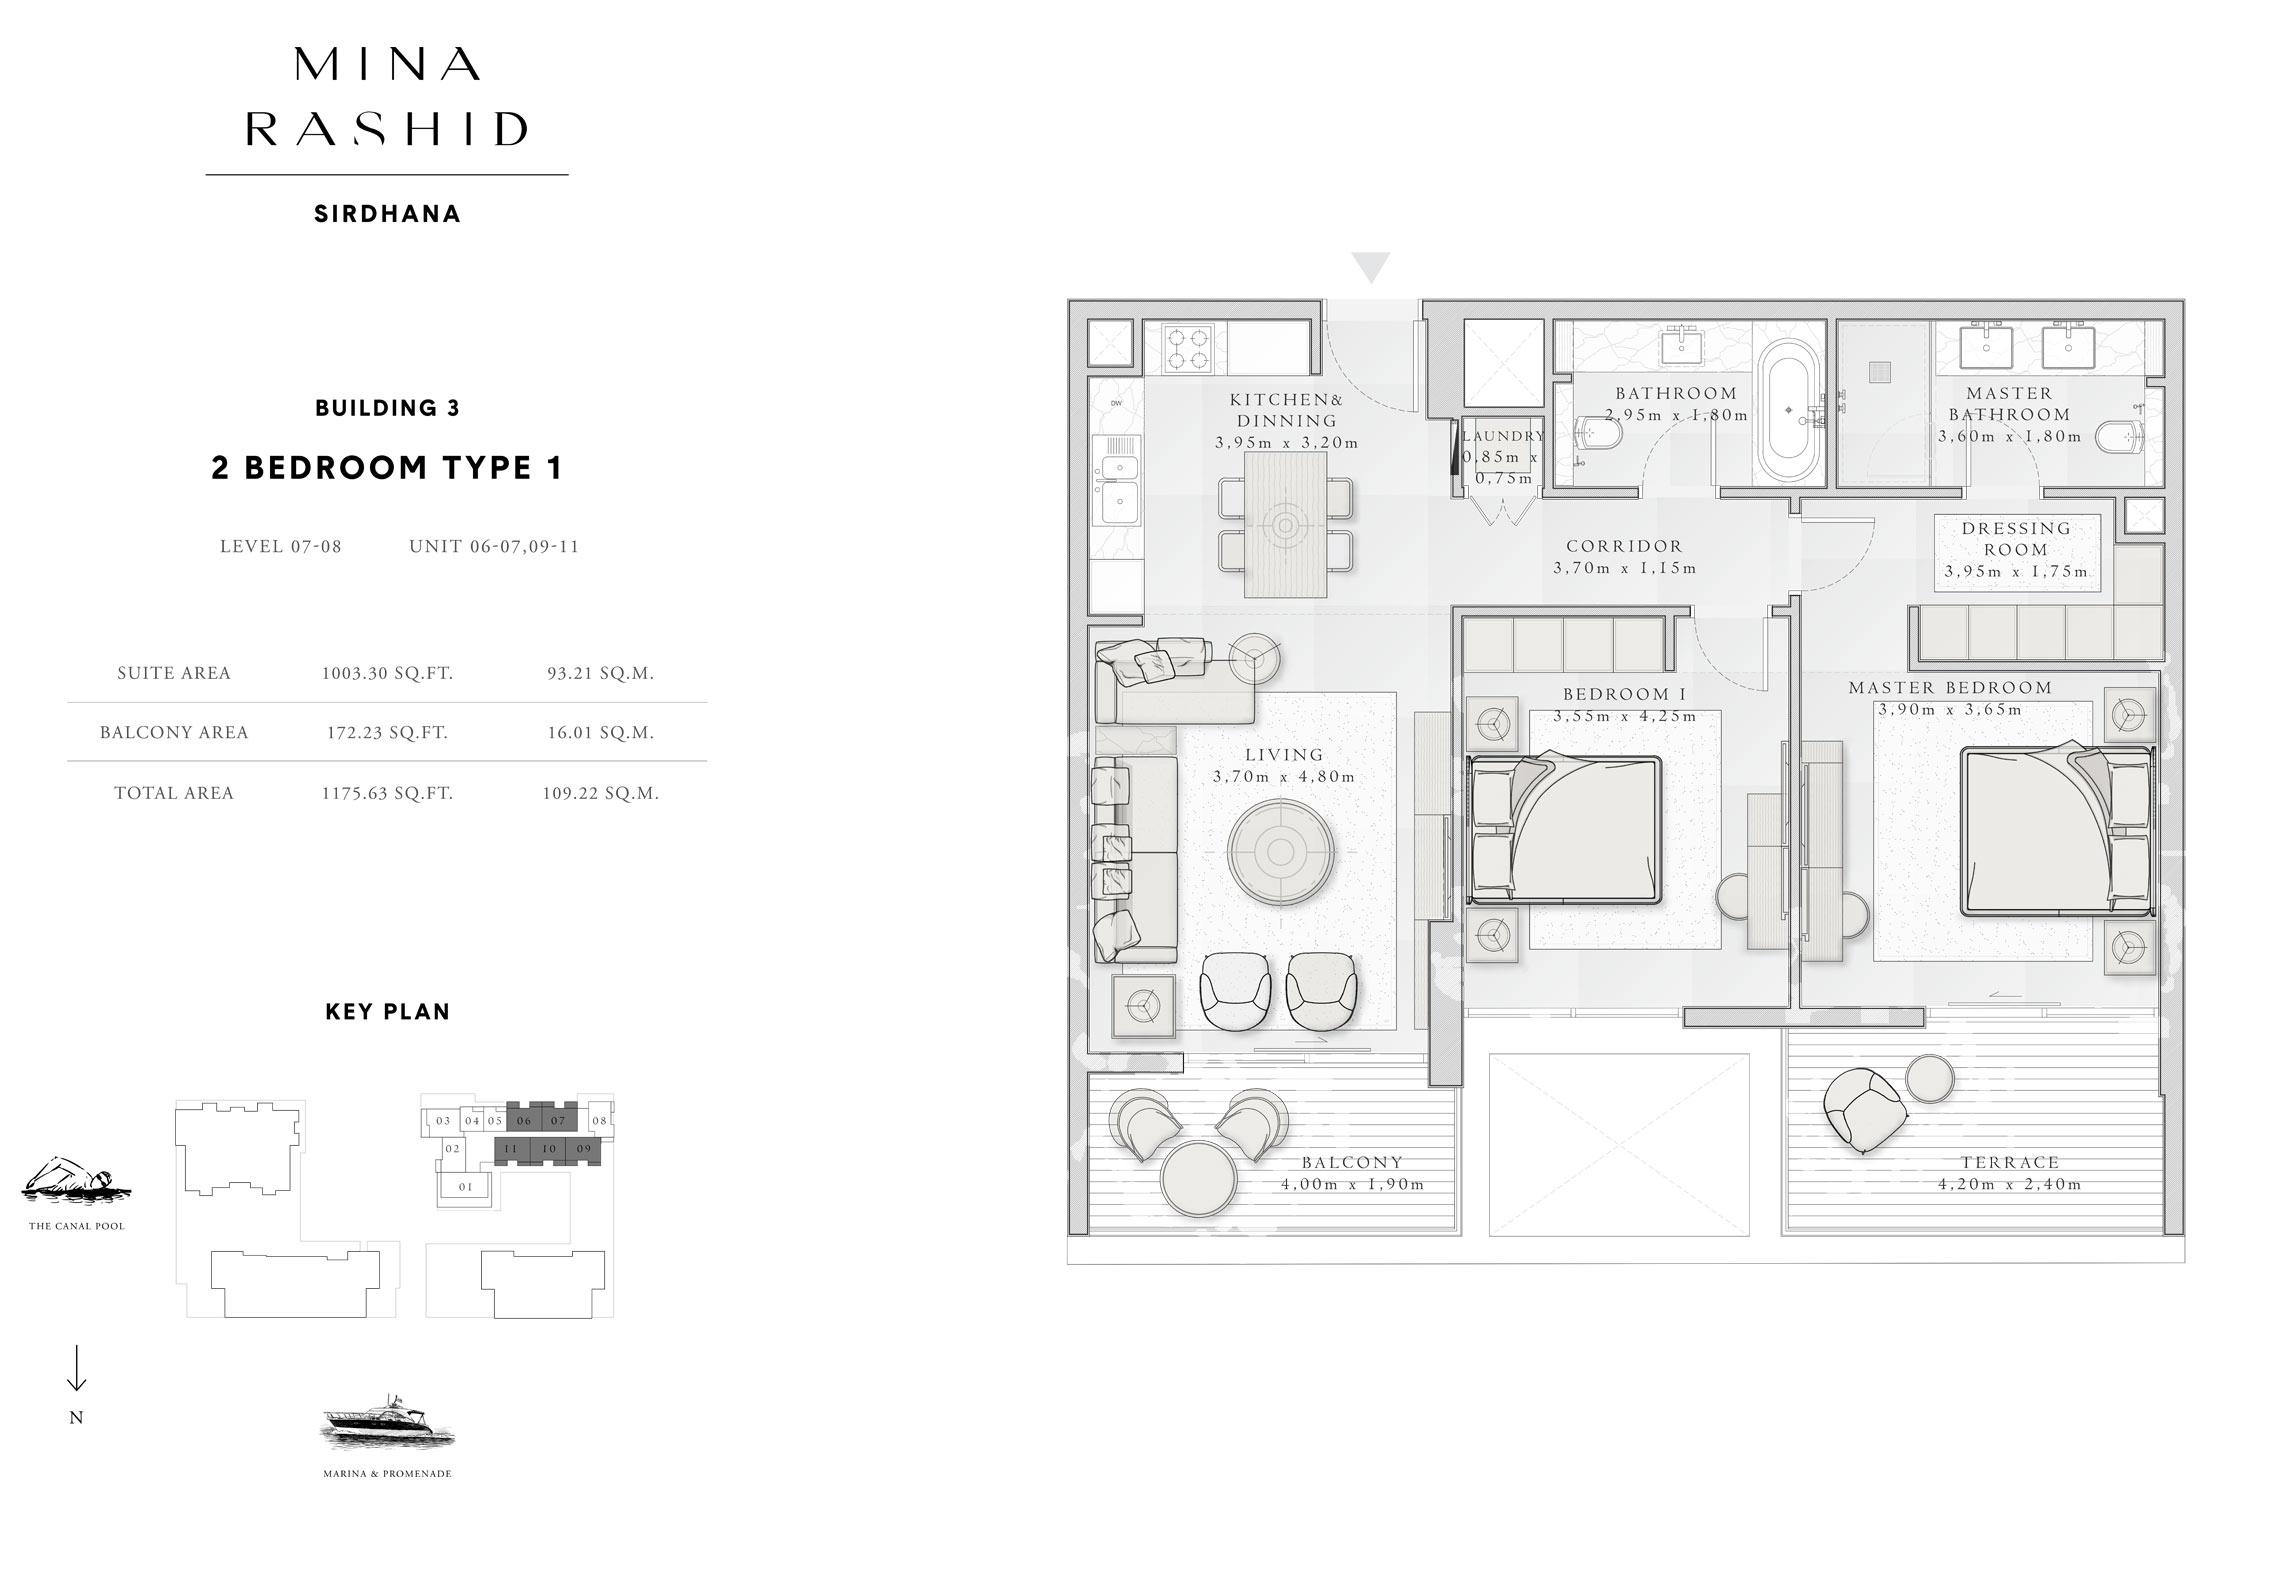 المبنى 3- غرفتي نوم،  نوع 1، المستوى 7 إلى 8، حجم-1175-قدم مربع